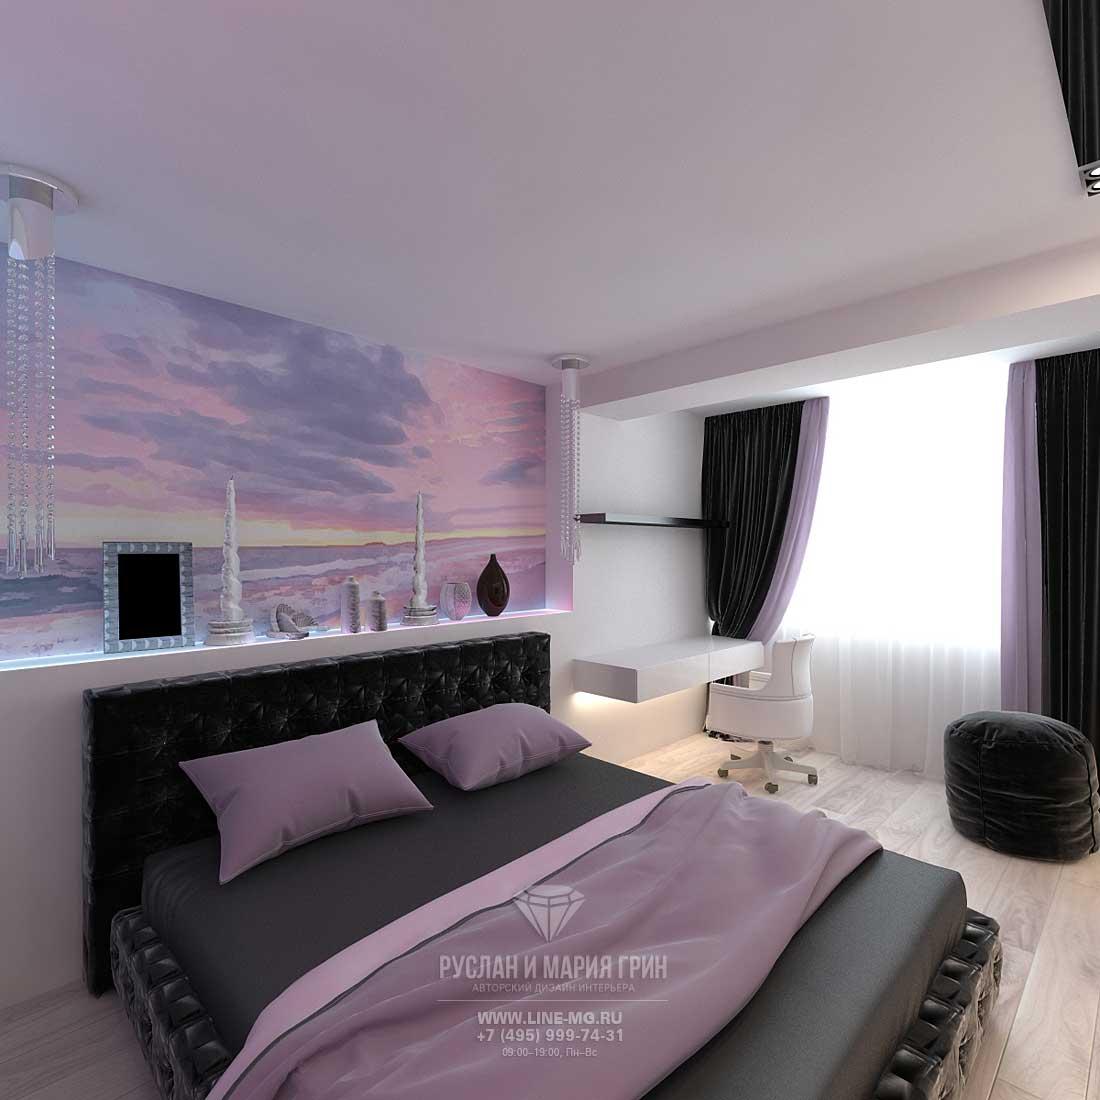 дизайн интерьера дома в стиле минимализм какие материалы